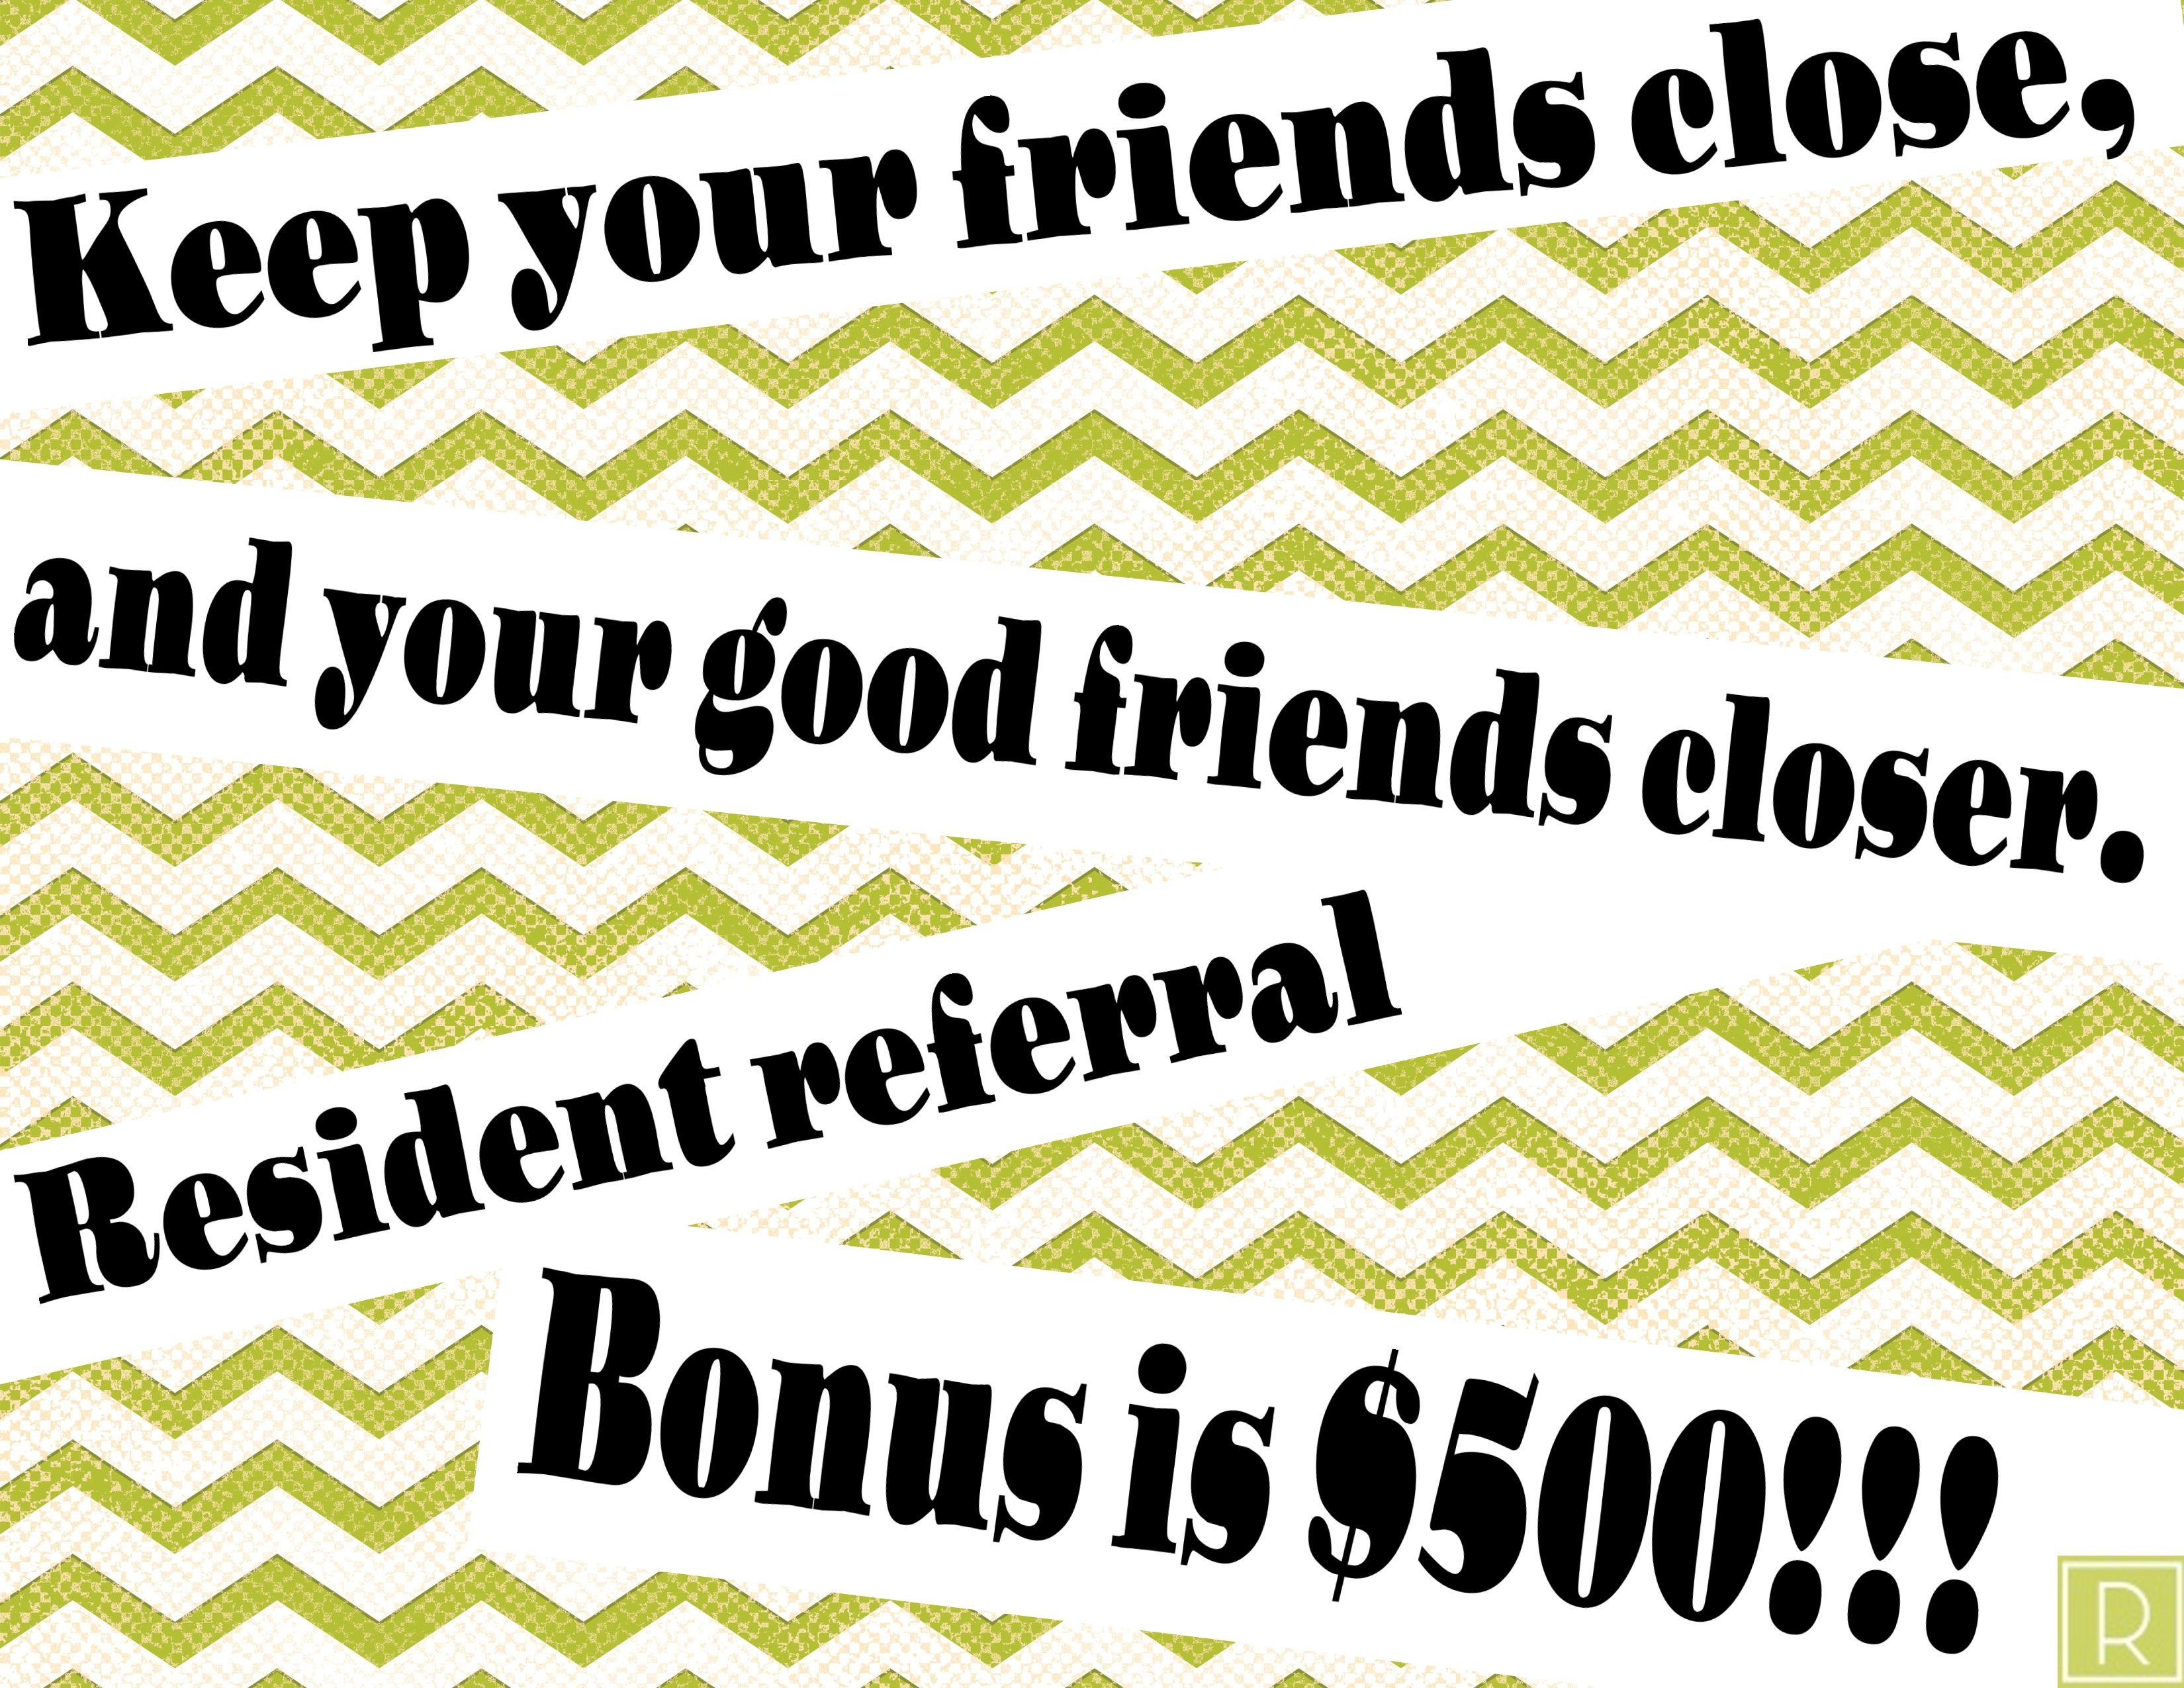 RESIDENT REFERRAL BONUS 500!!! Refer away! Referrals